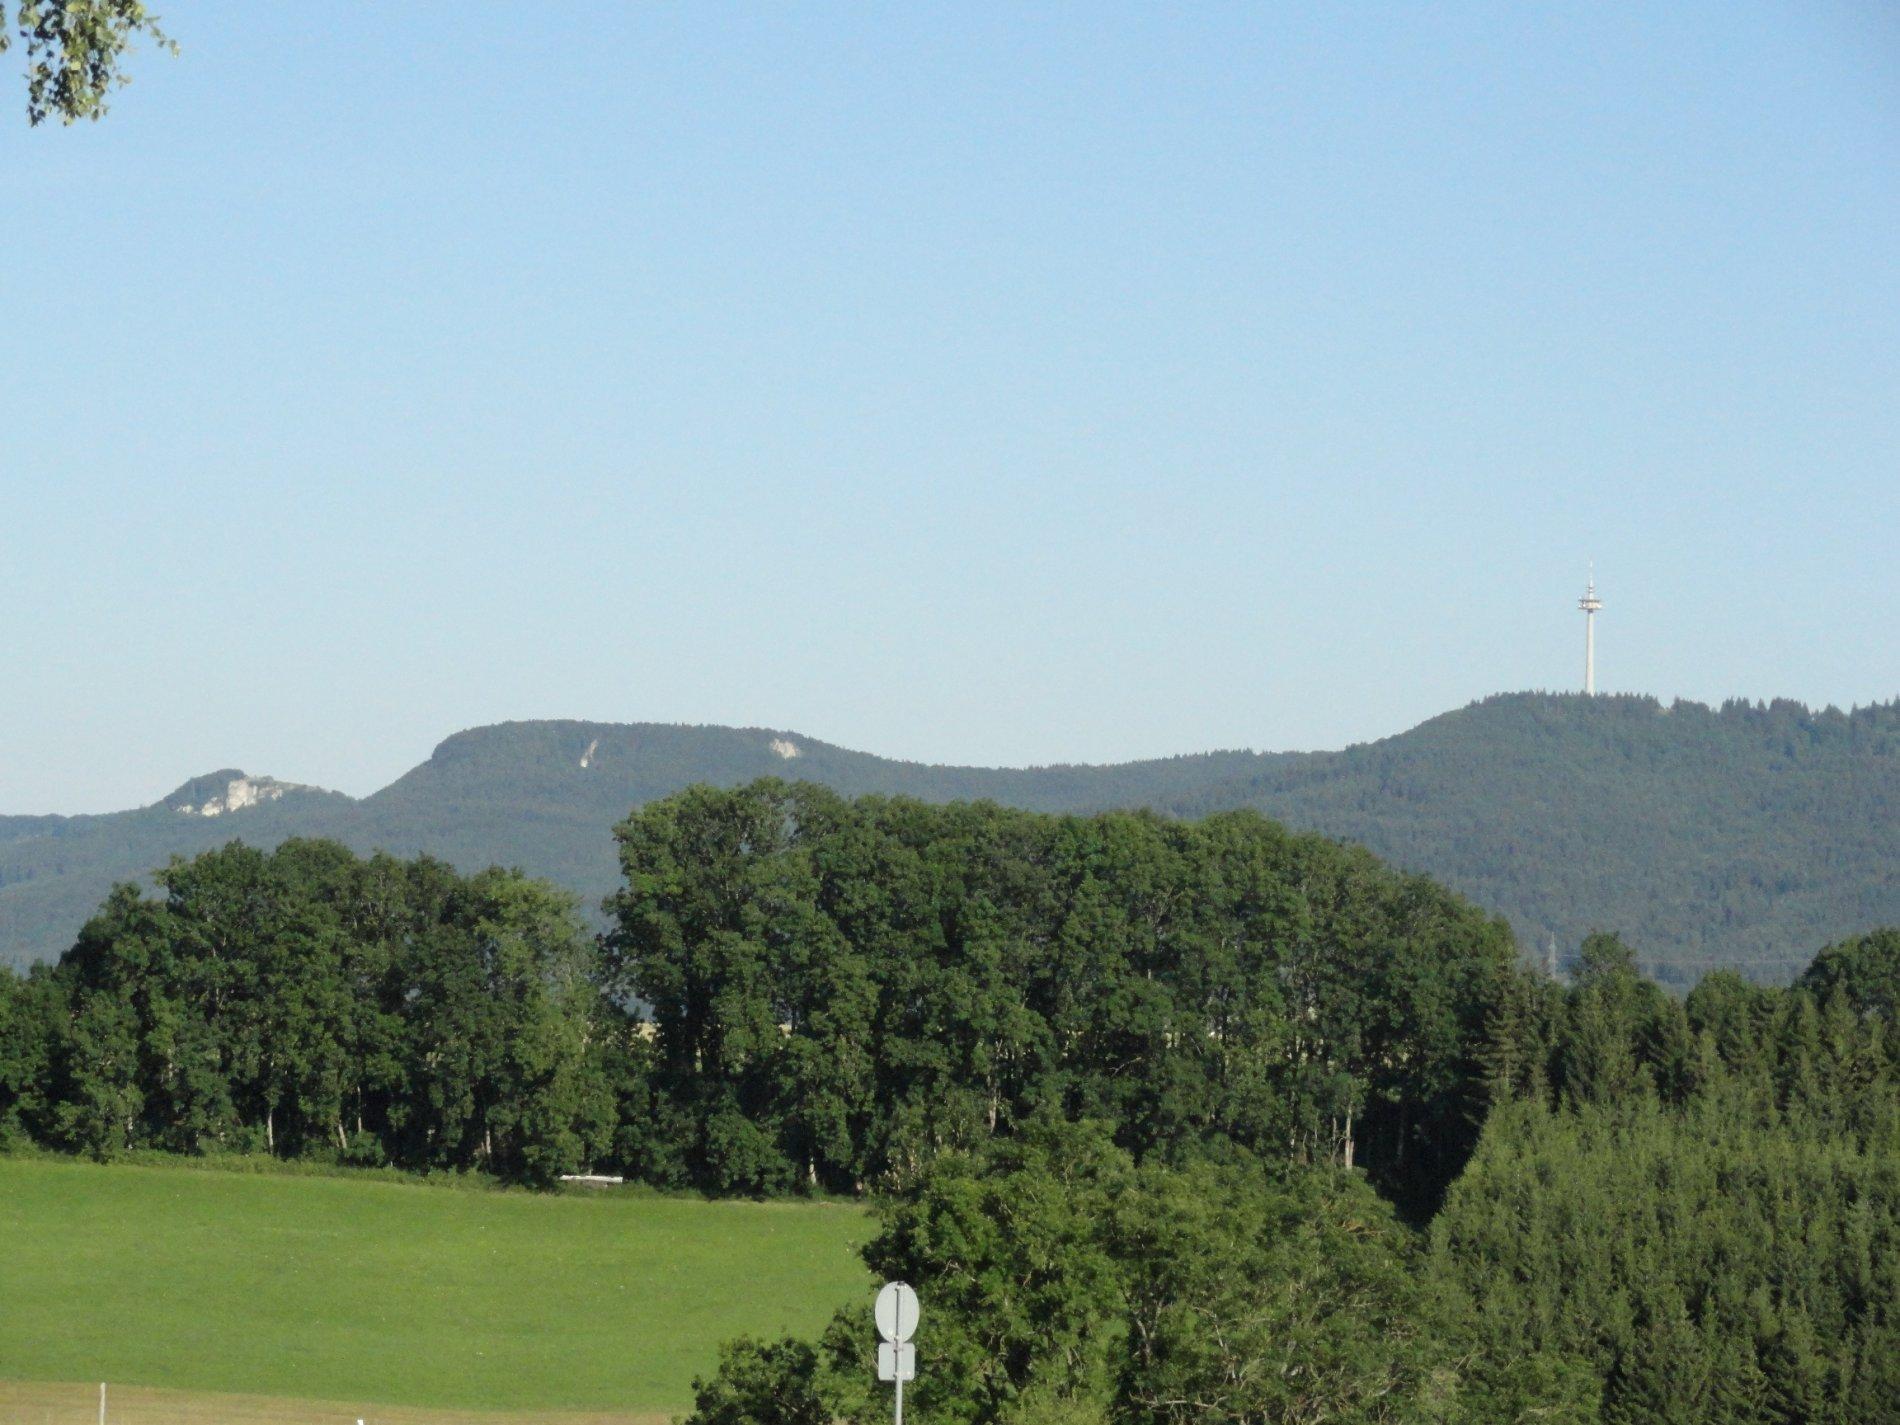 Blick auf Täbingen und die höchsten Berge der Zollernalb mit dem Fernmeldeturm Plettenberg